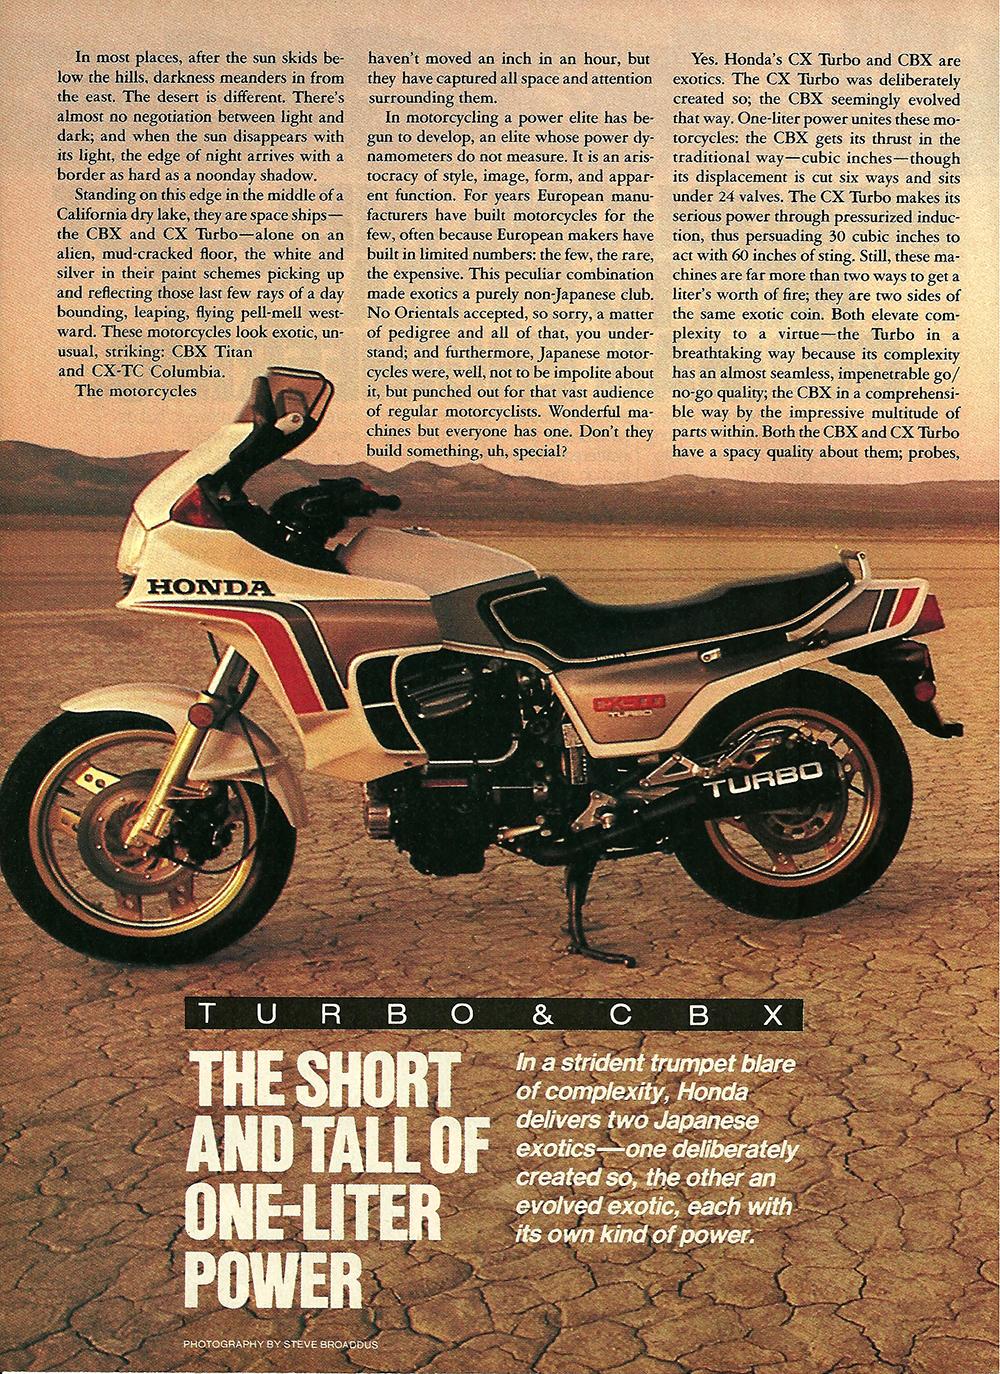 1982 Honda CBX vs CX 500 Turbo road test 01.jpg